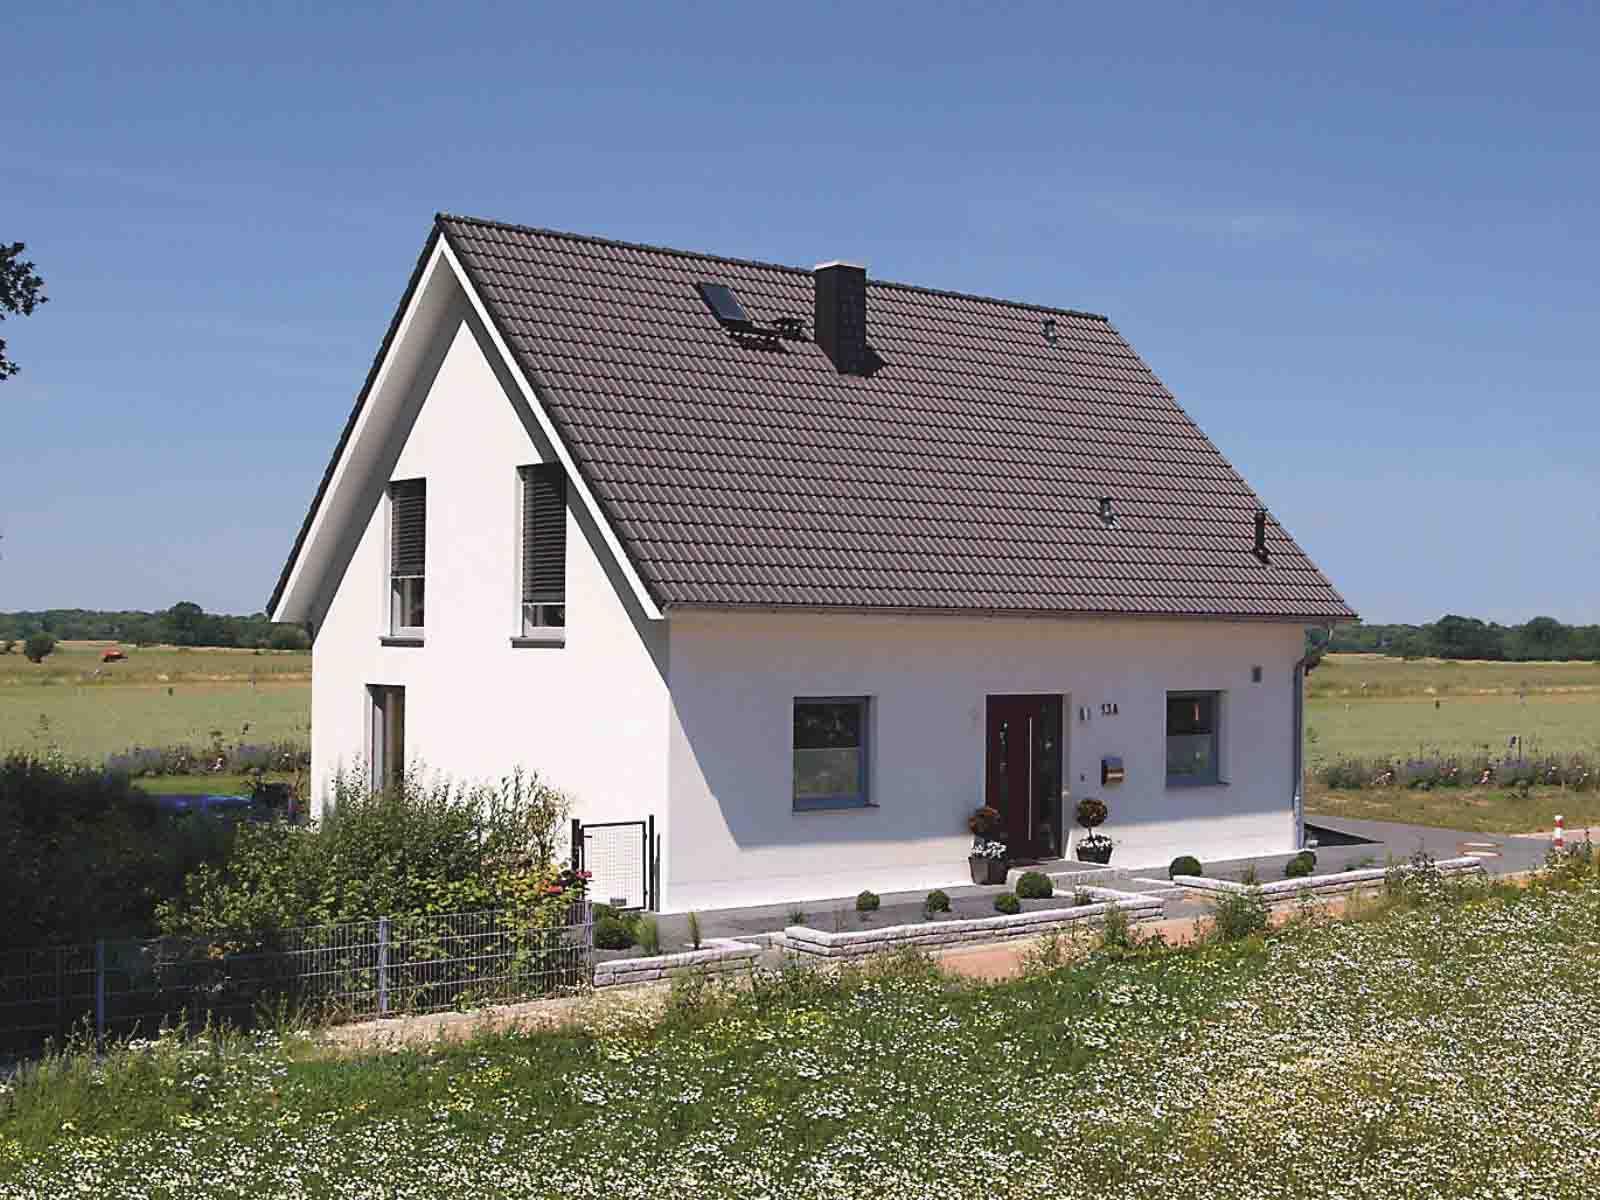 ^ Hausbaufirmen in Ihrer egion - Fertighauskataloge24.de